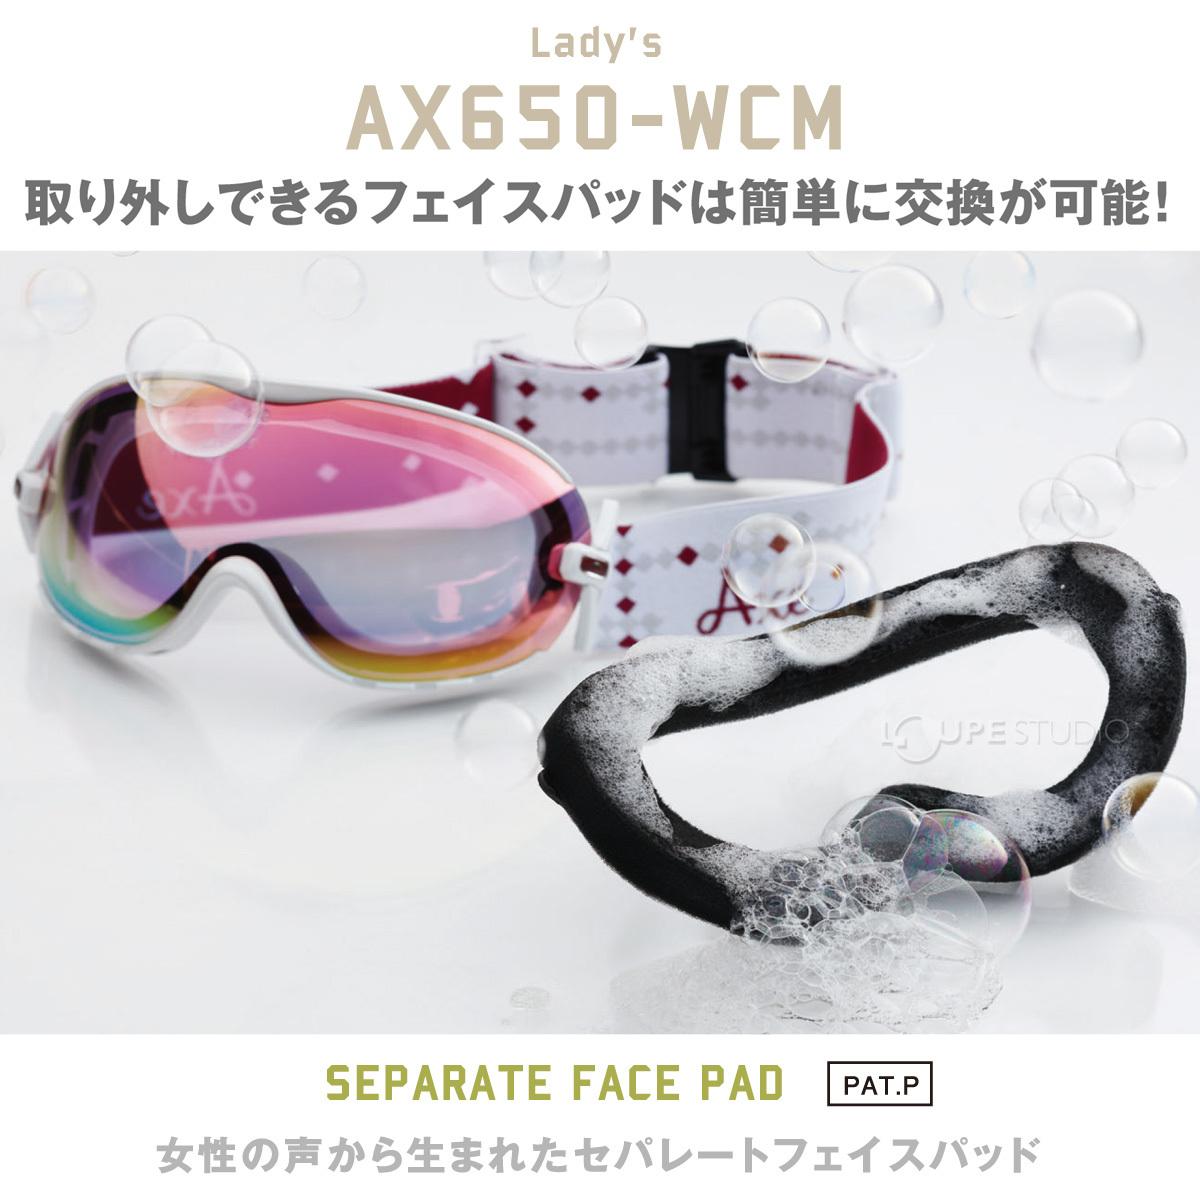 ゴーグル スノーボード AX-650-WCM